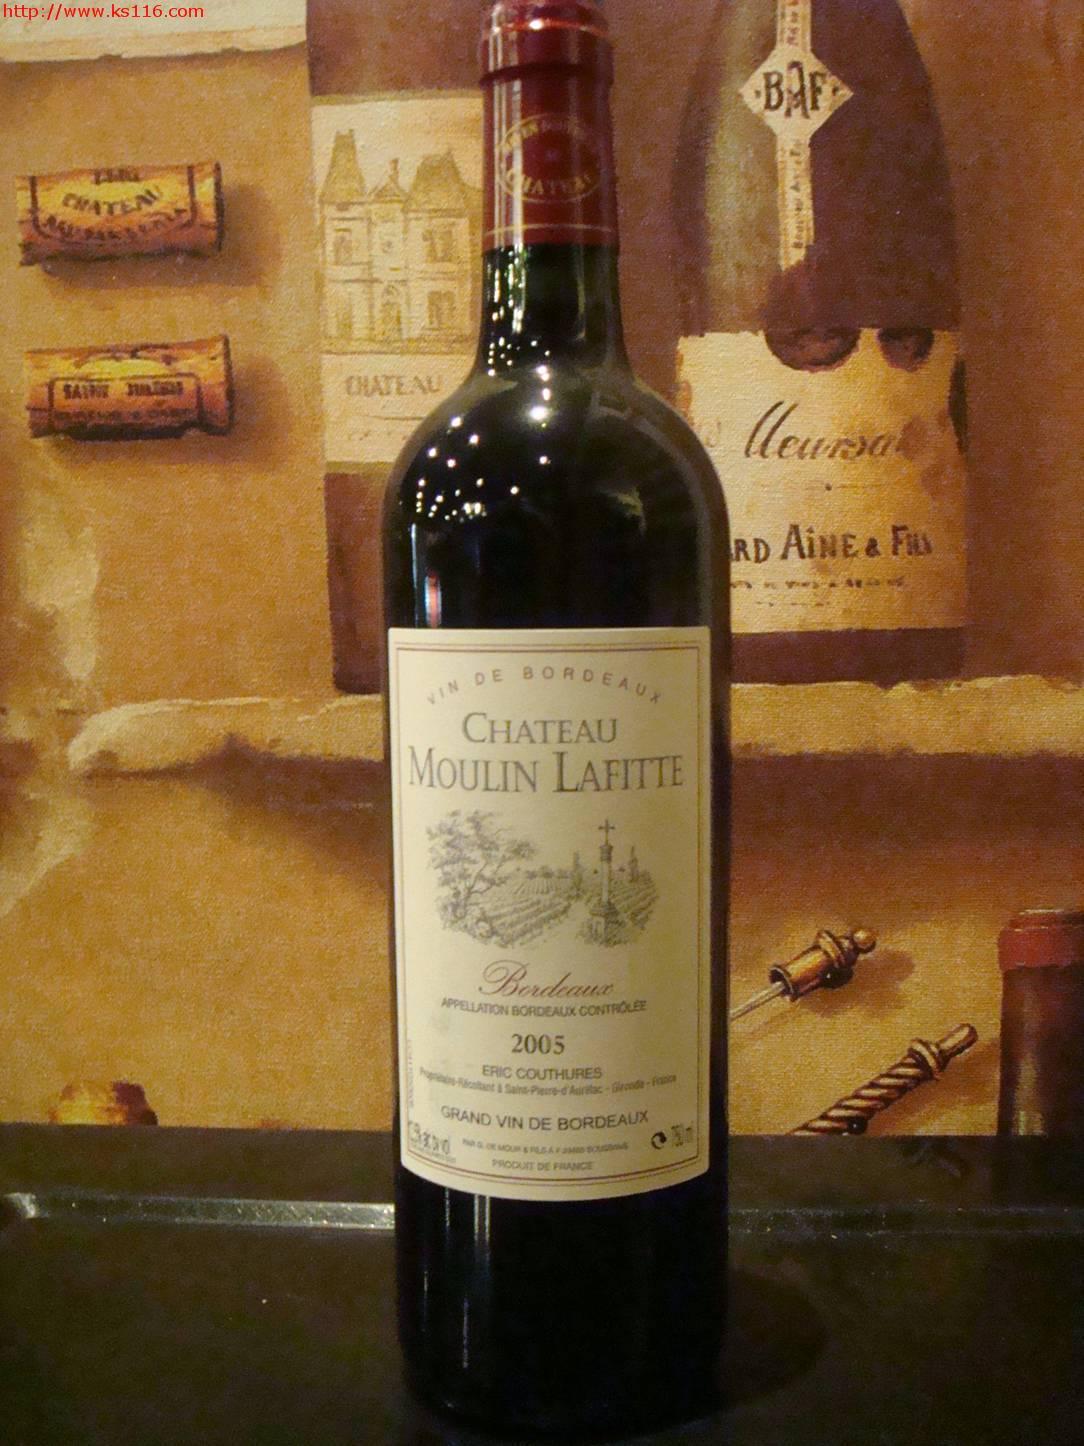 澳大利亚红酒价格_澳洲红酒_澳洲红酒批发_澳洲红酒价格_一呼百应原材料